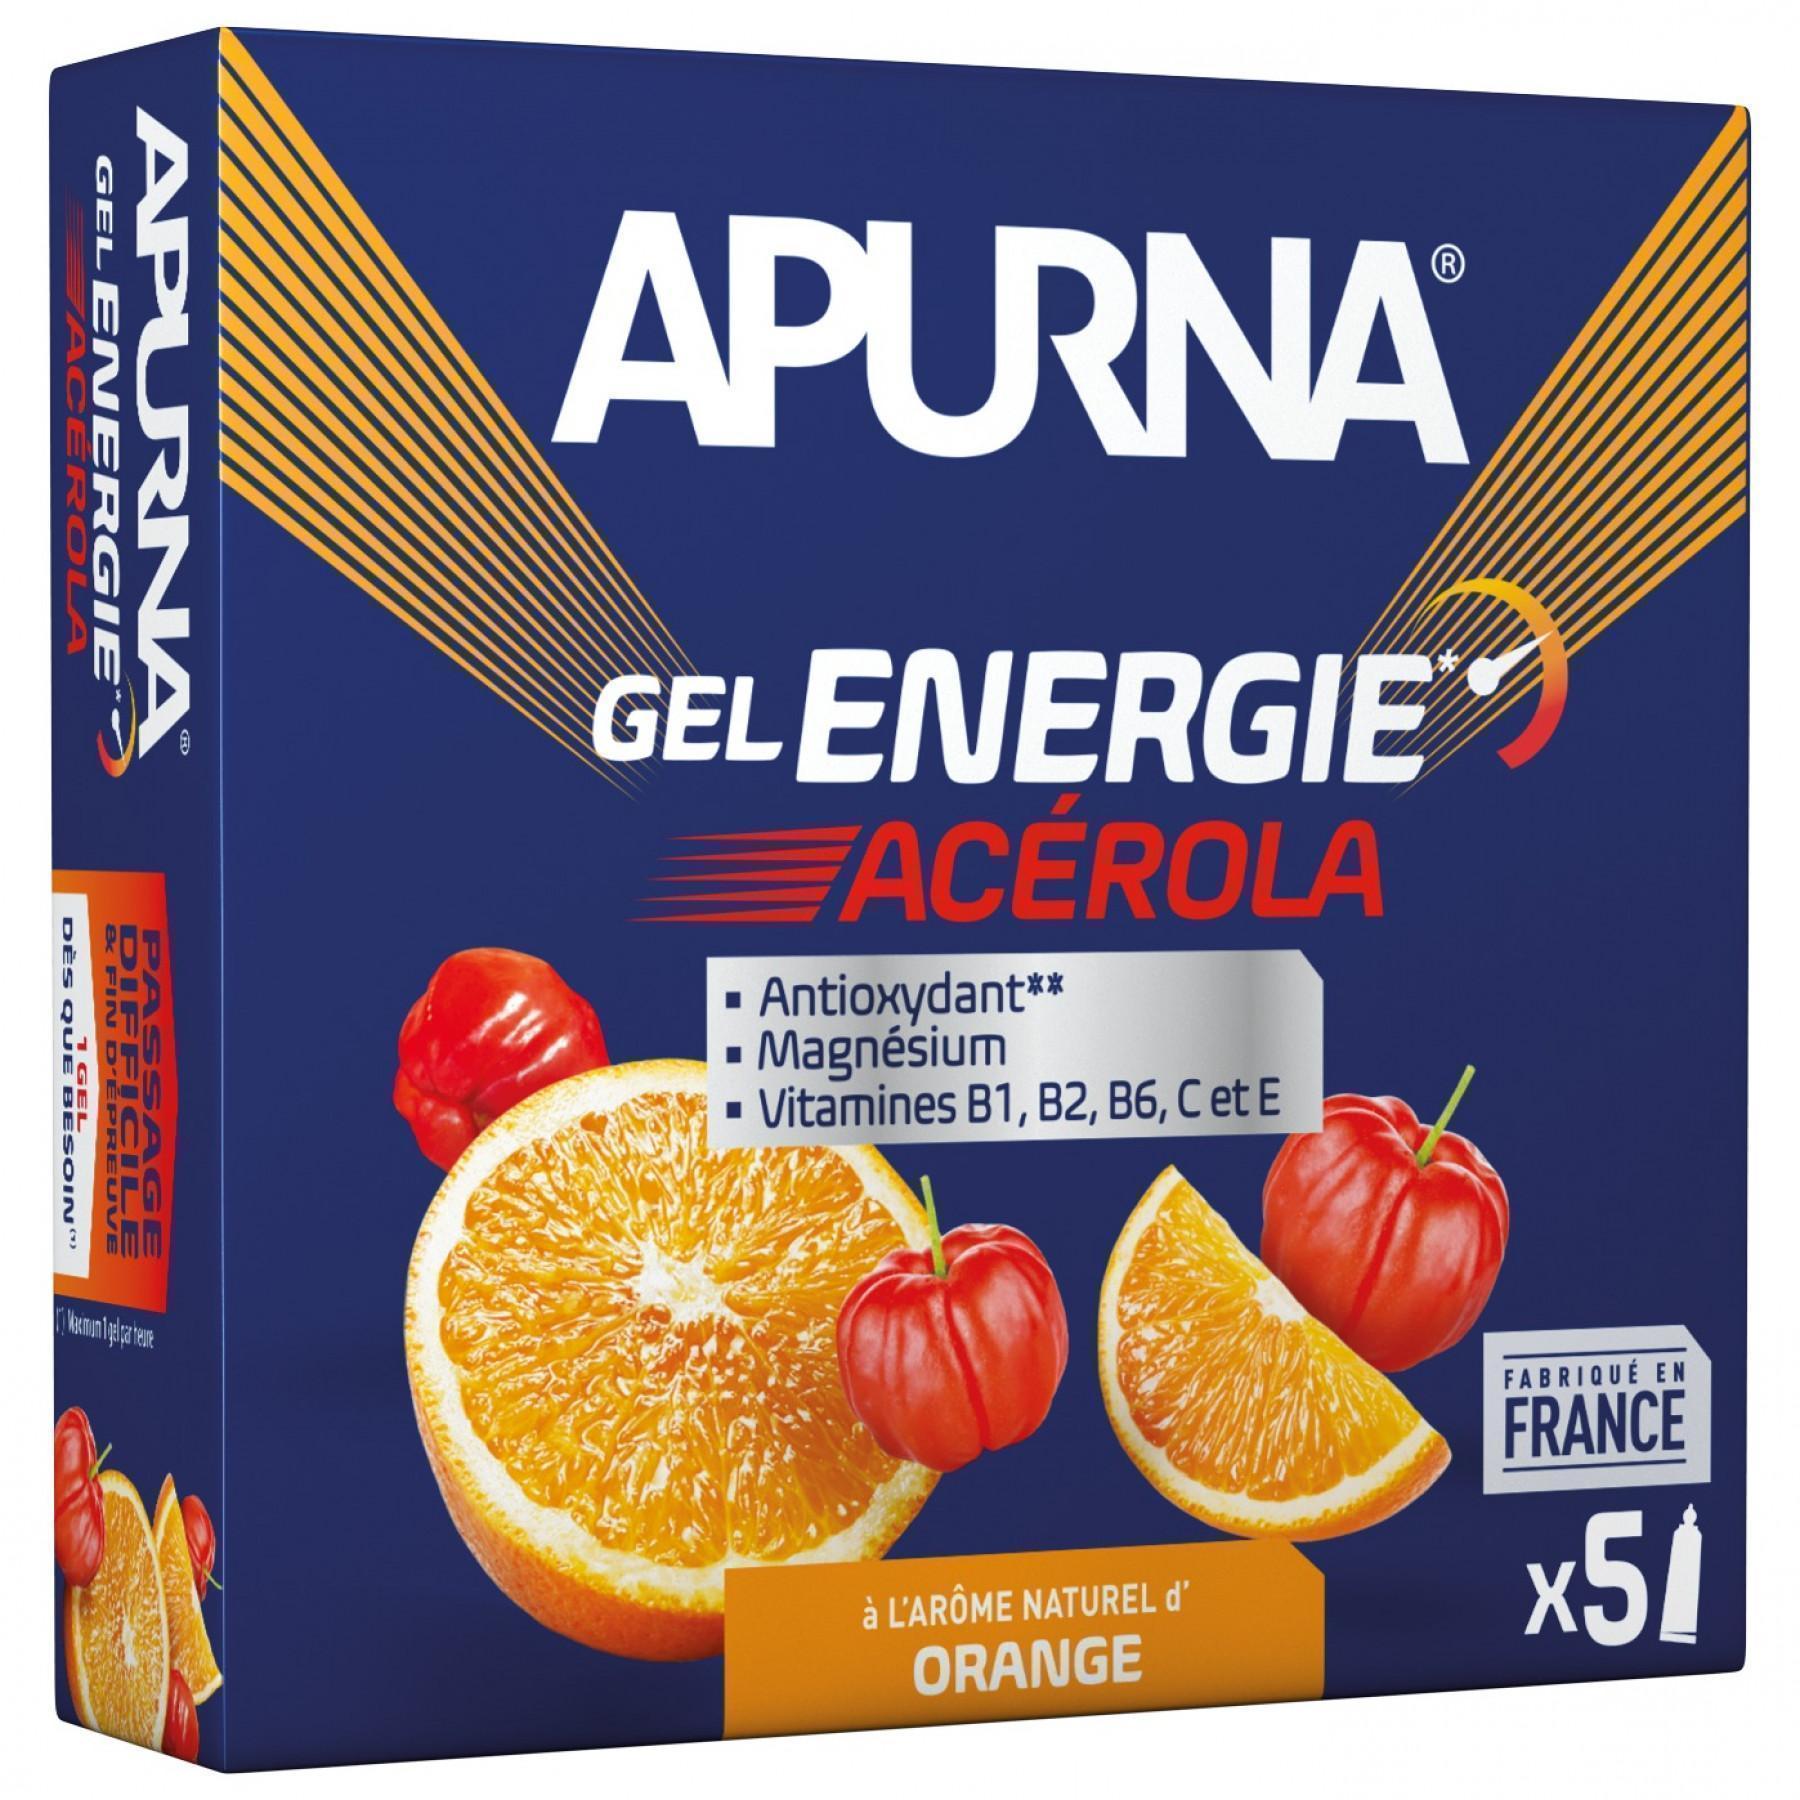 Pack of 5 gels Apurna Energie Acérola Orange - 35g